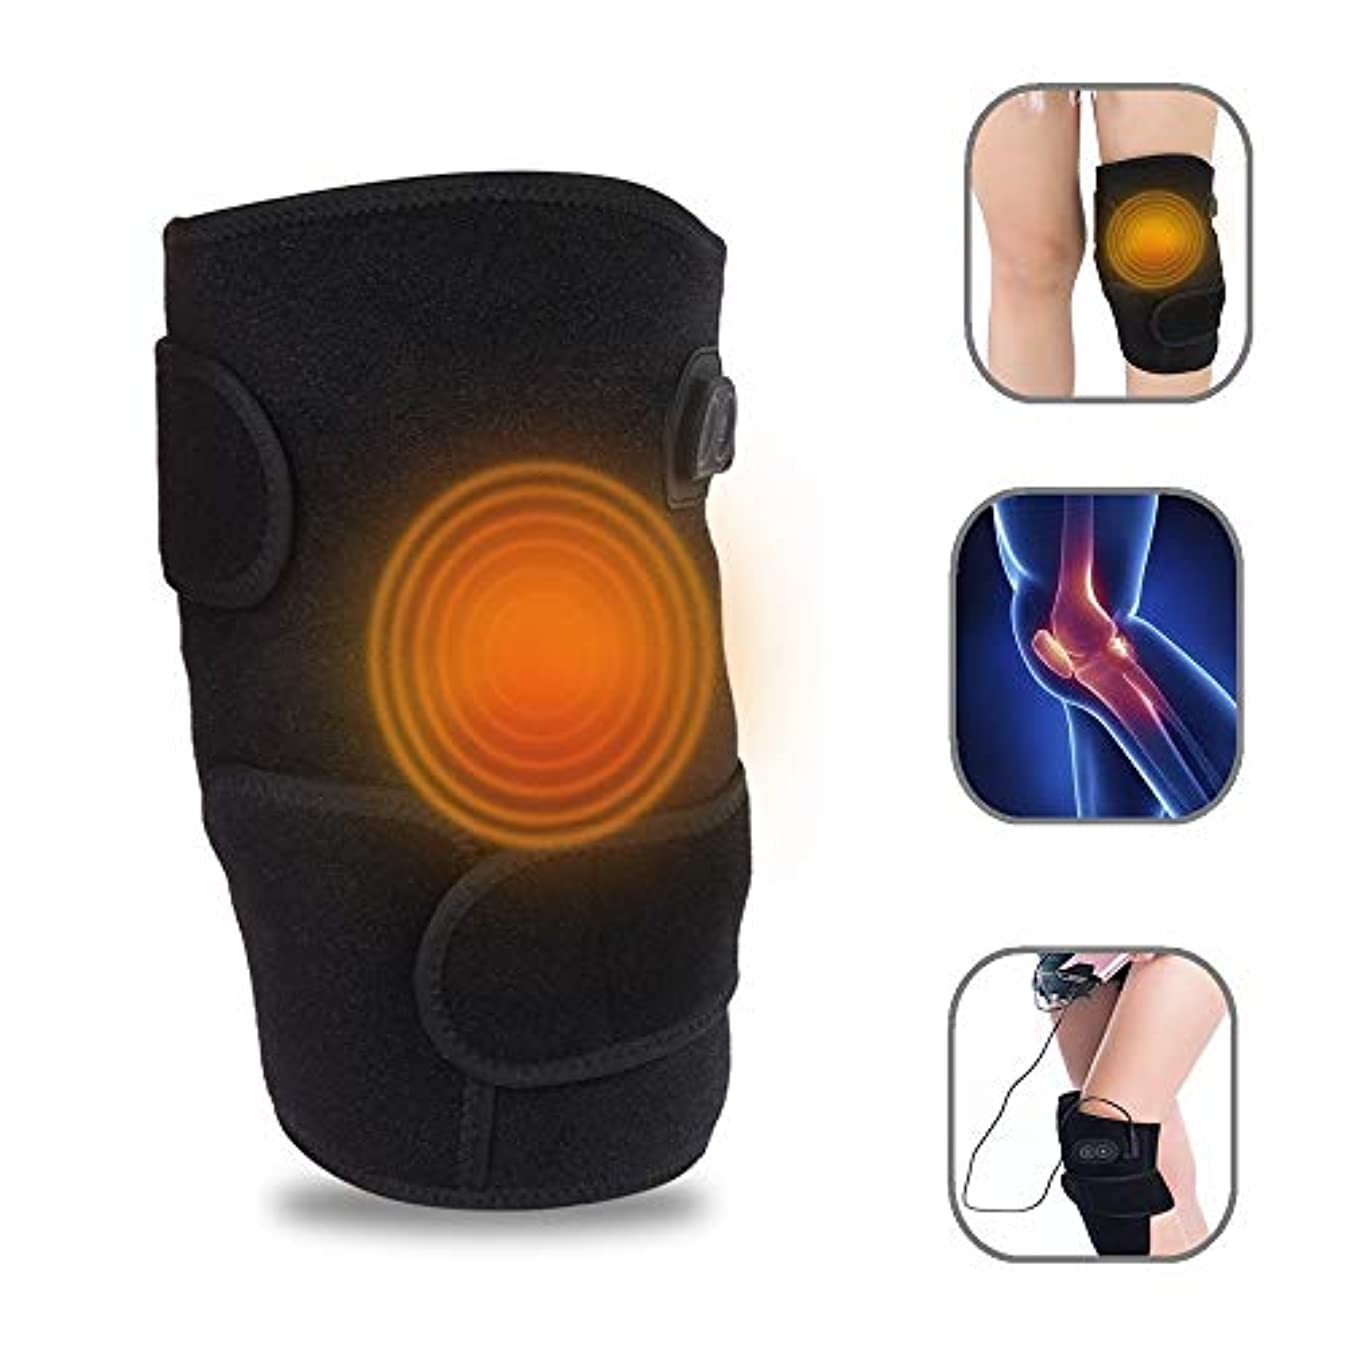 セブンスクリューパパマッサージ 膝の理学療法装置、膝の振動、膝の痛みを和らげる 電熱療法、 冬の暖かさ リウマチ